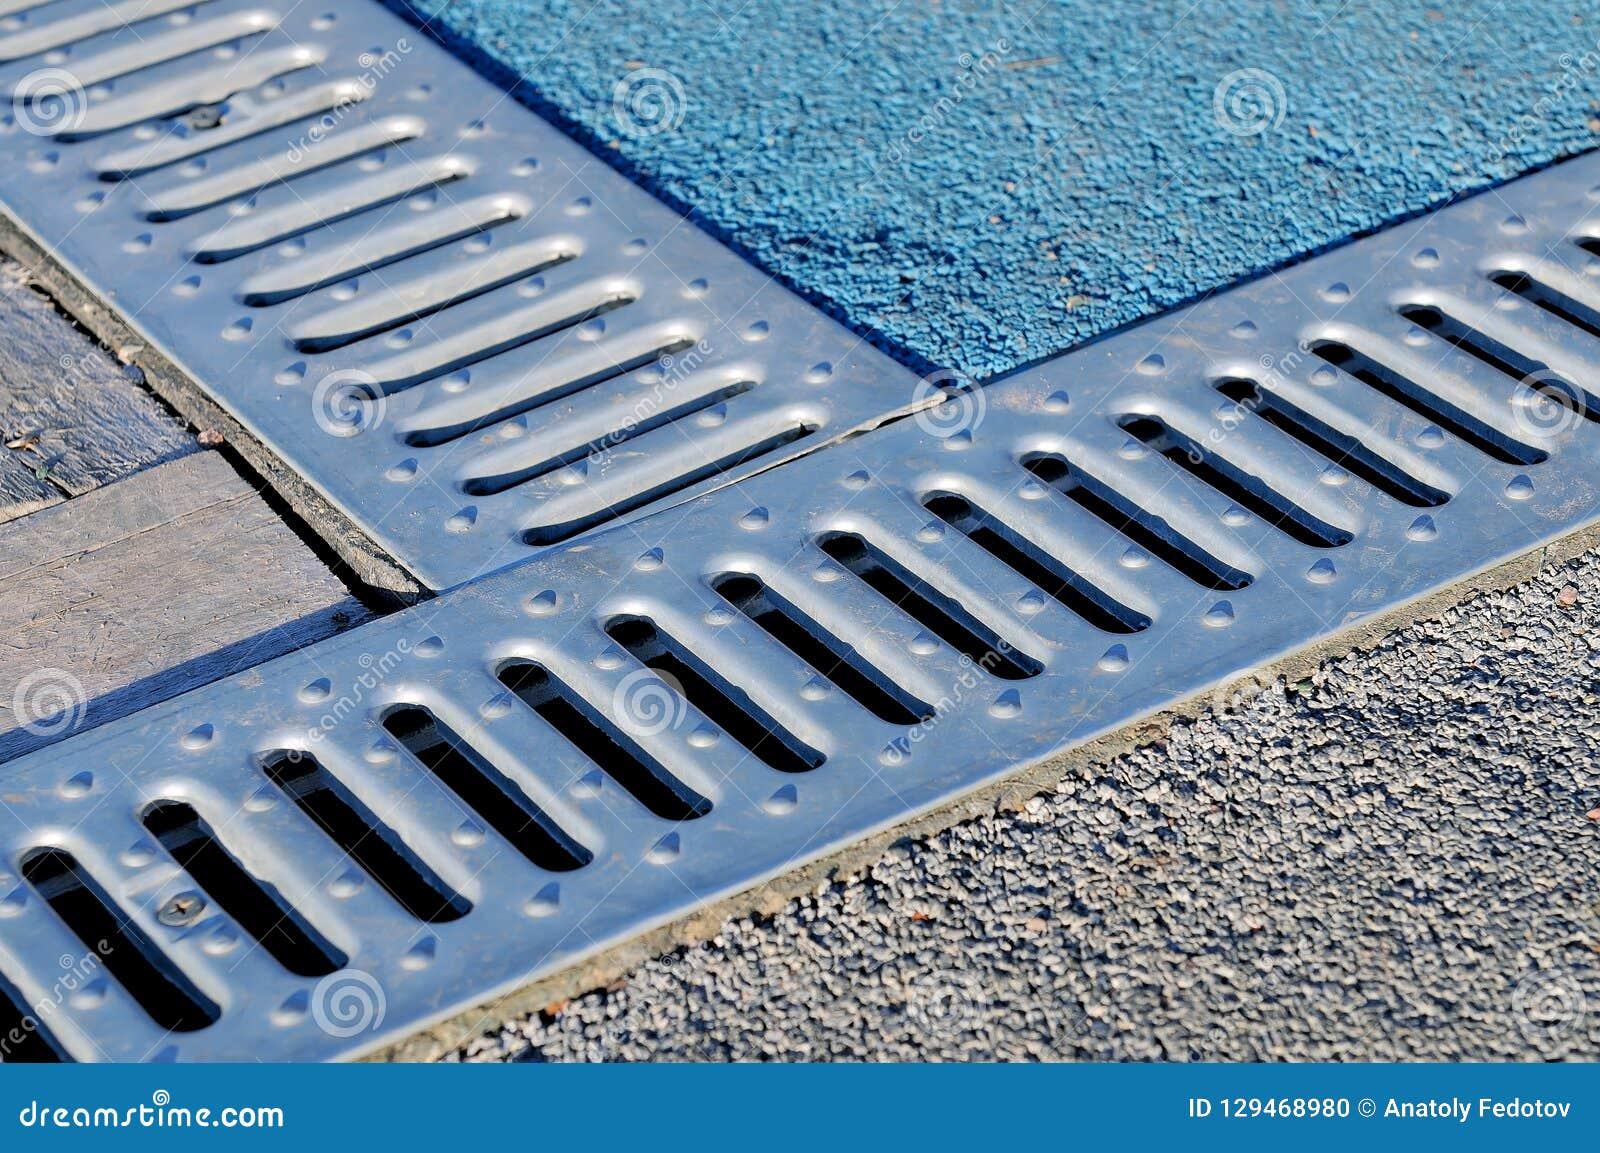 Afvoerkanaal drate, rooster voor verwijdering van regenwater